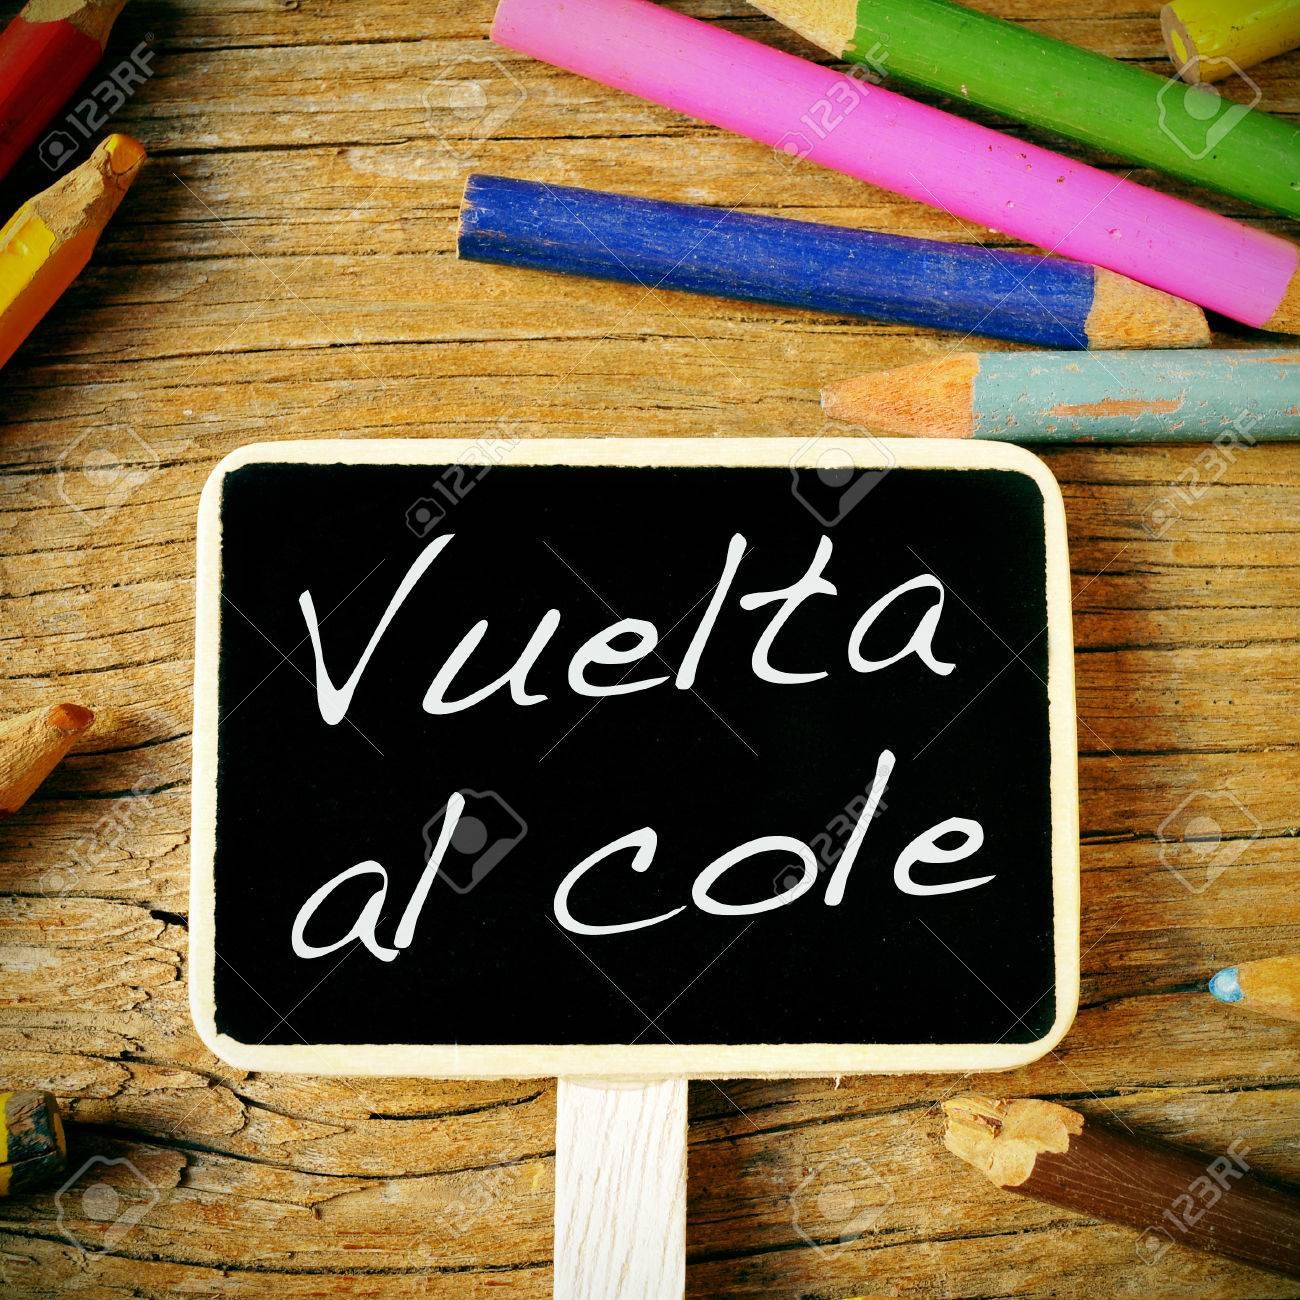 La Vuelta Al Cole Frase Lápices De Nuevo A La Escuela Escrita En Español En Una Etiqueta De Pizarra En Un Escritorio De Madera Y De Colores De